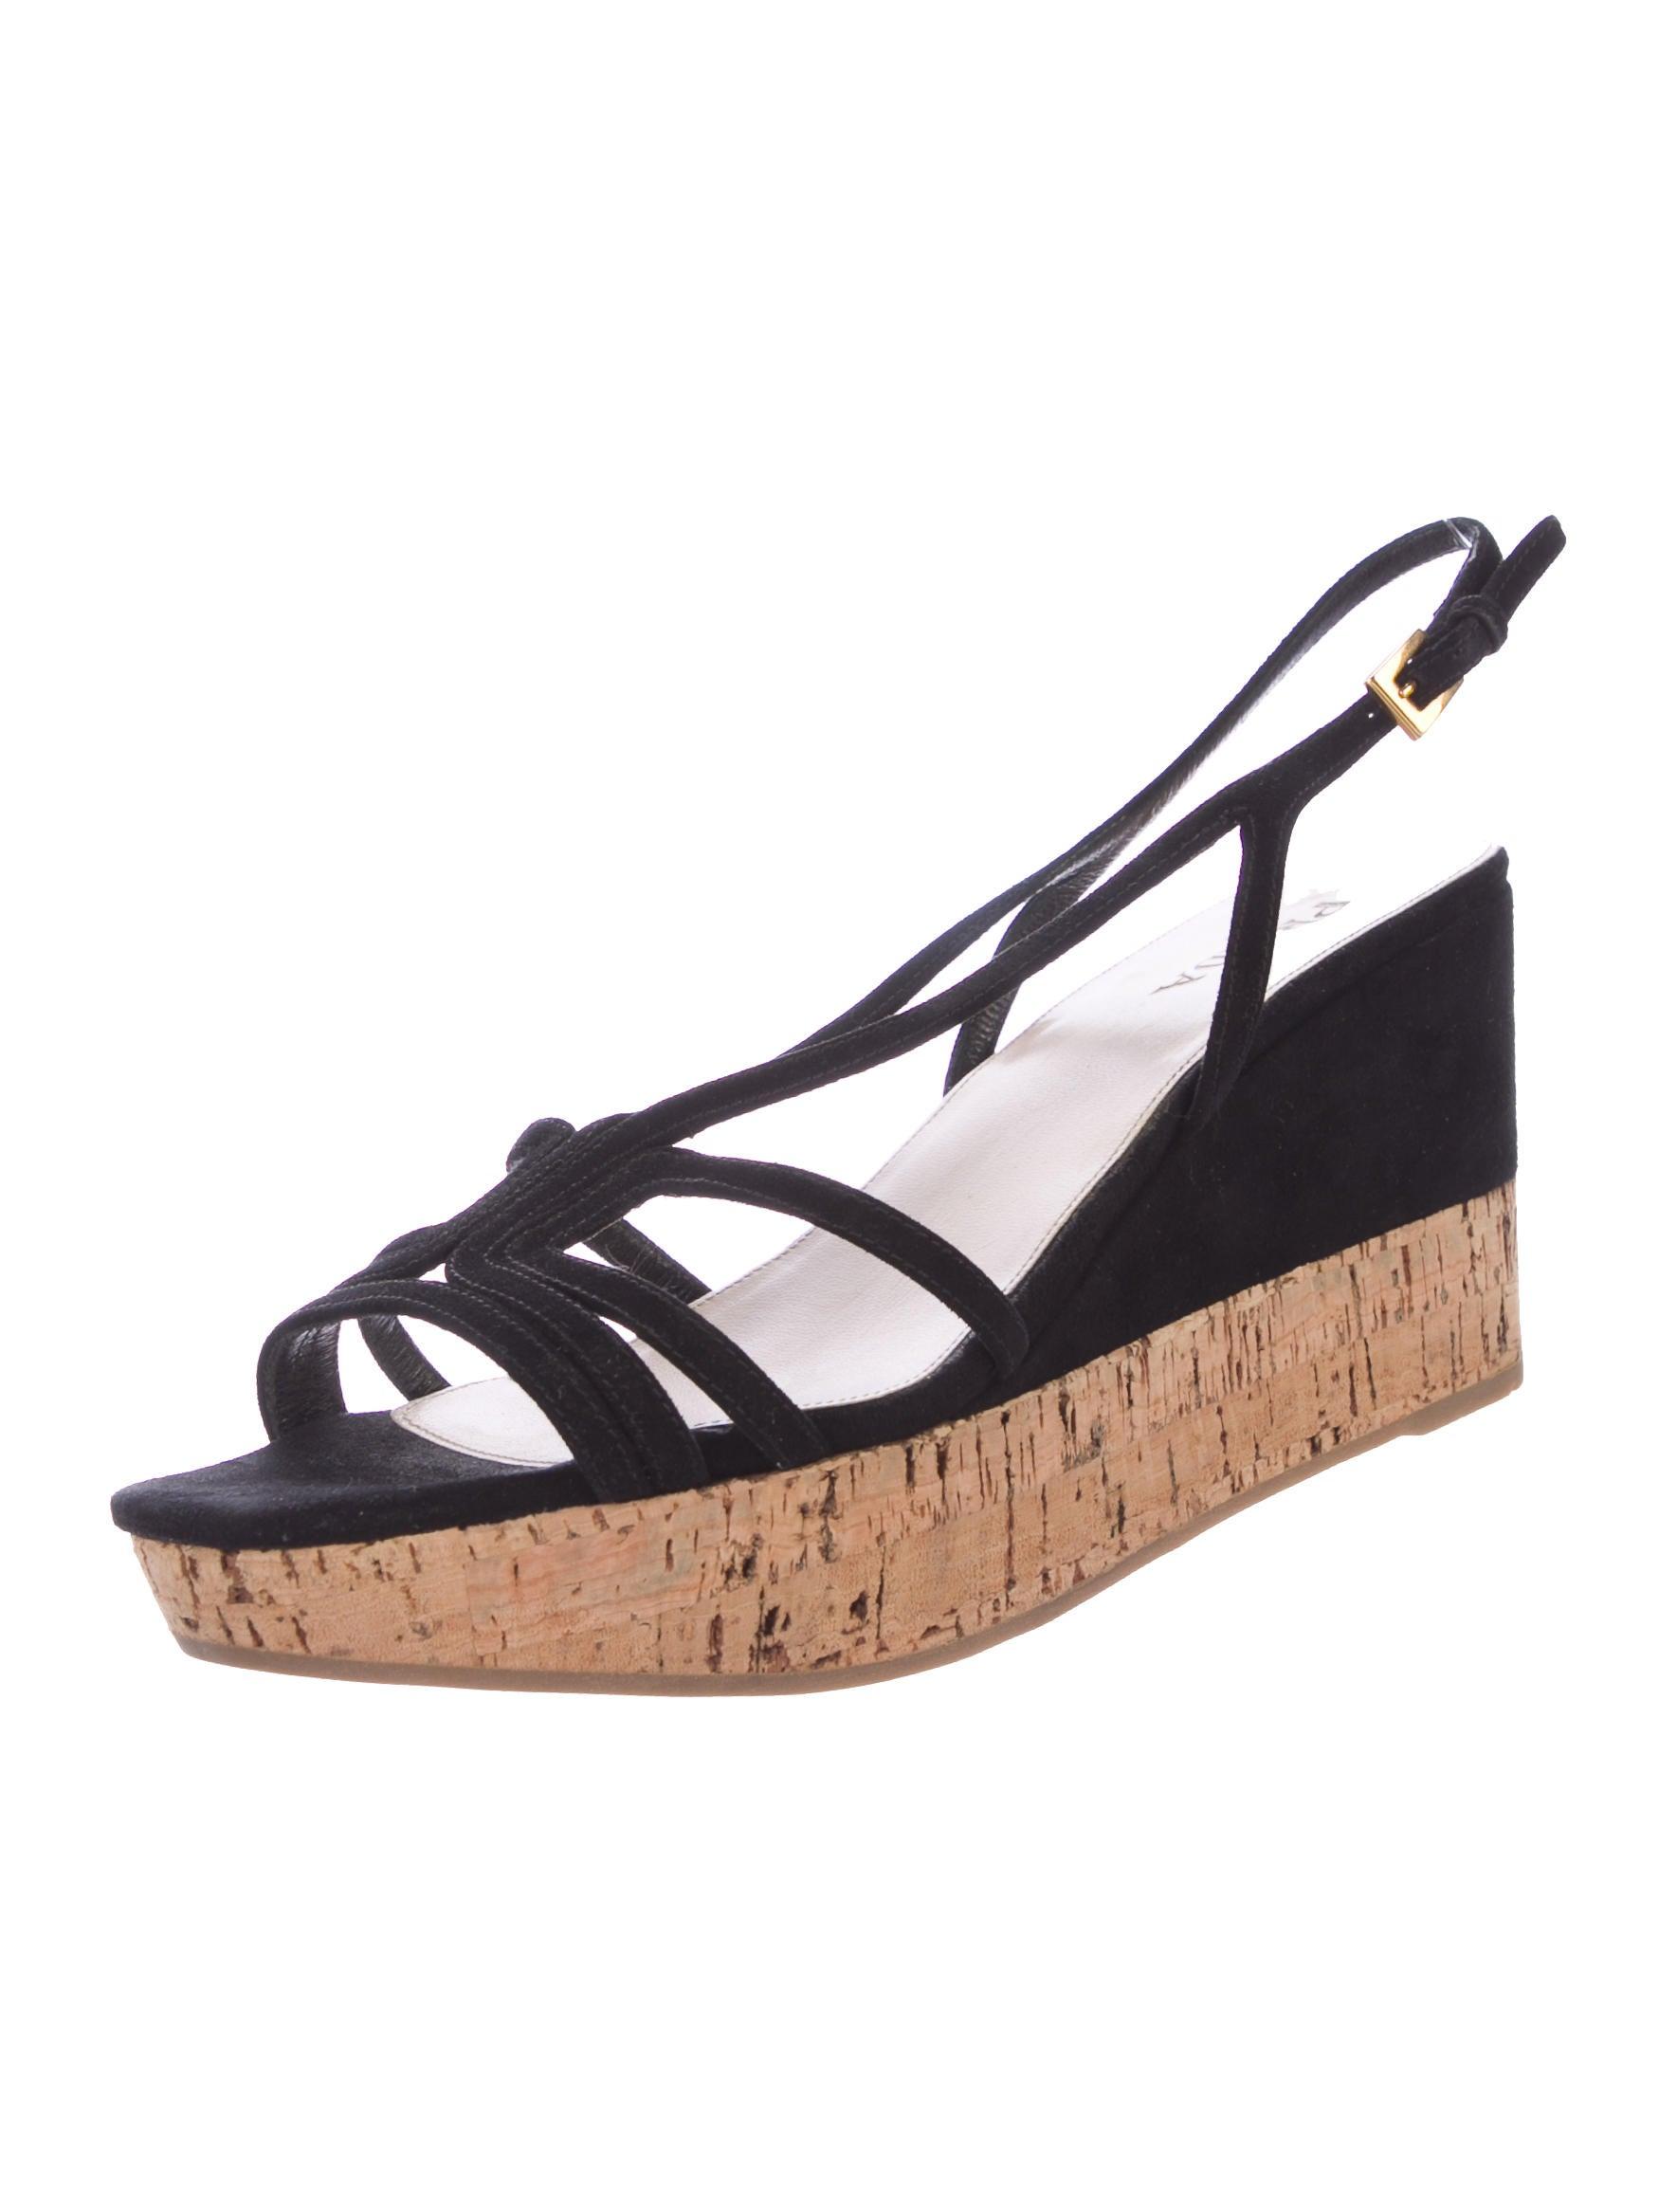 prada suede platform wedges shoes pra167409 the realreal